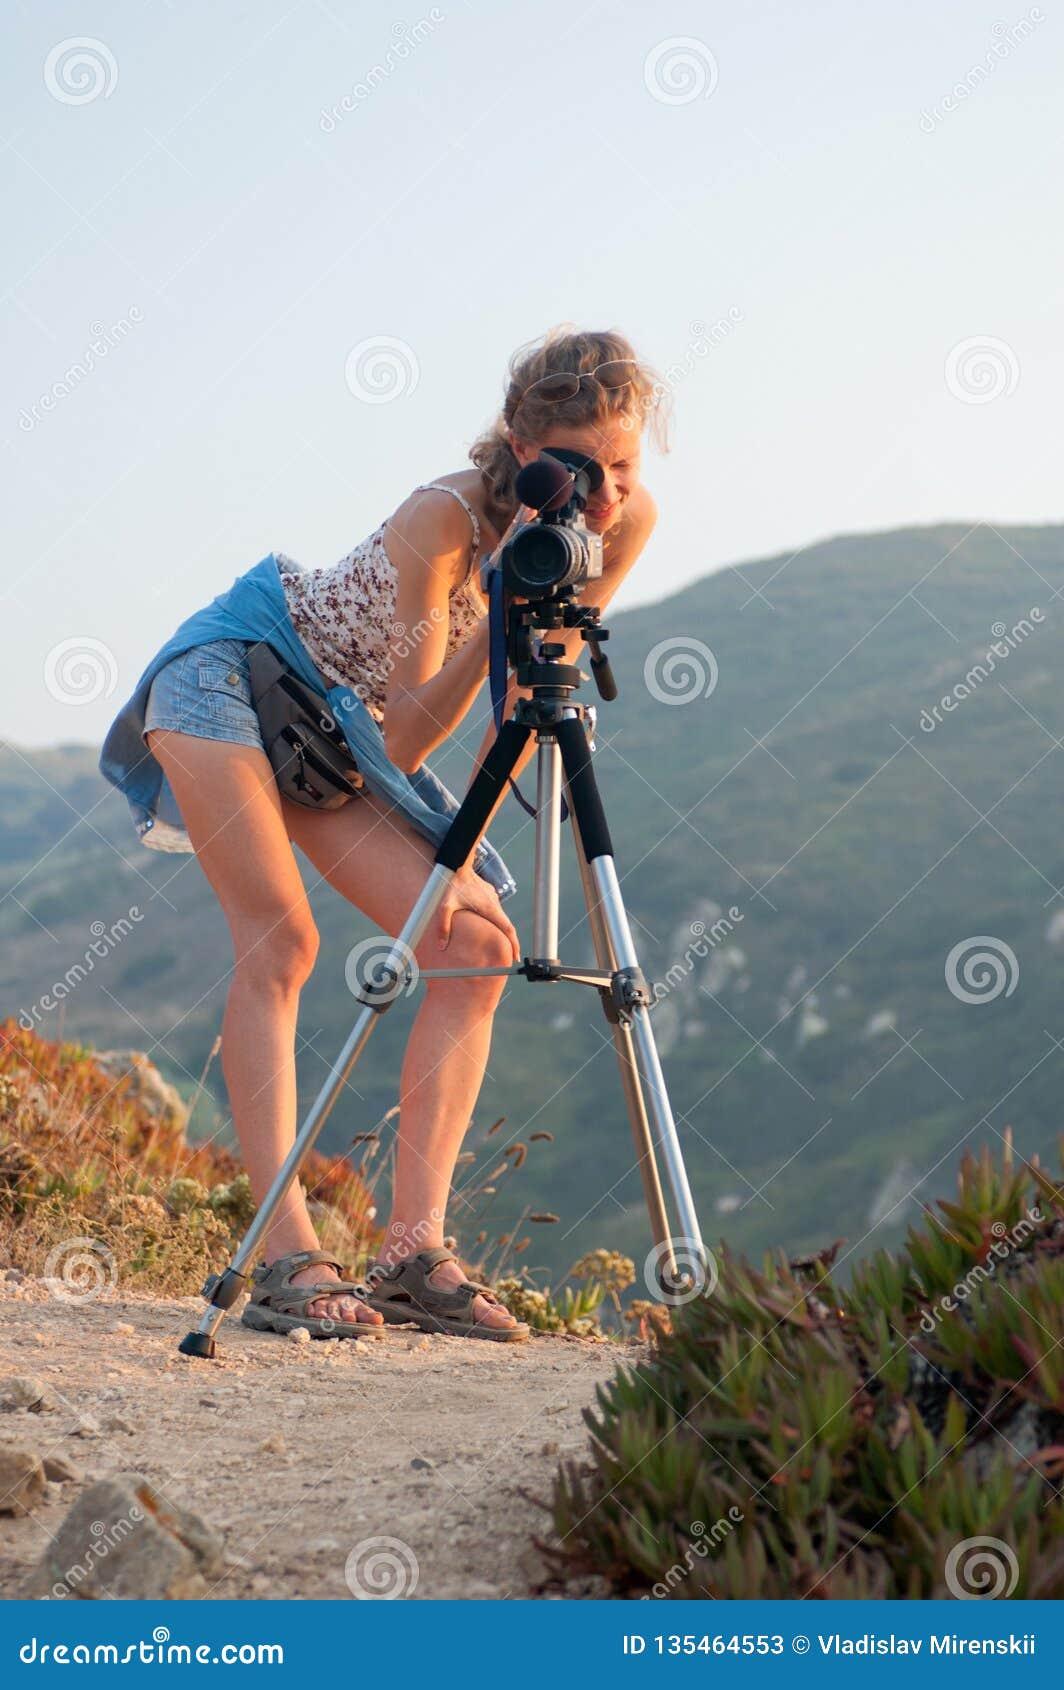 Το κορίτσι εξετάζει τη κάμερα που τοποθετείται σε ένα τρίποδο σε ένα υπόβαθρο των πράσινων δασωδών βουνών μια ηλιόλουστη θερινή η